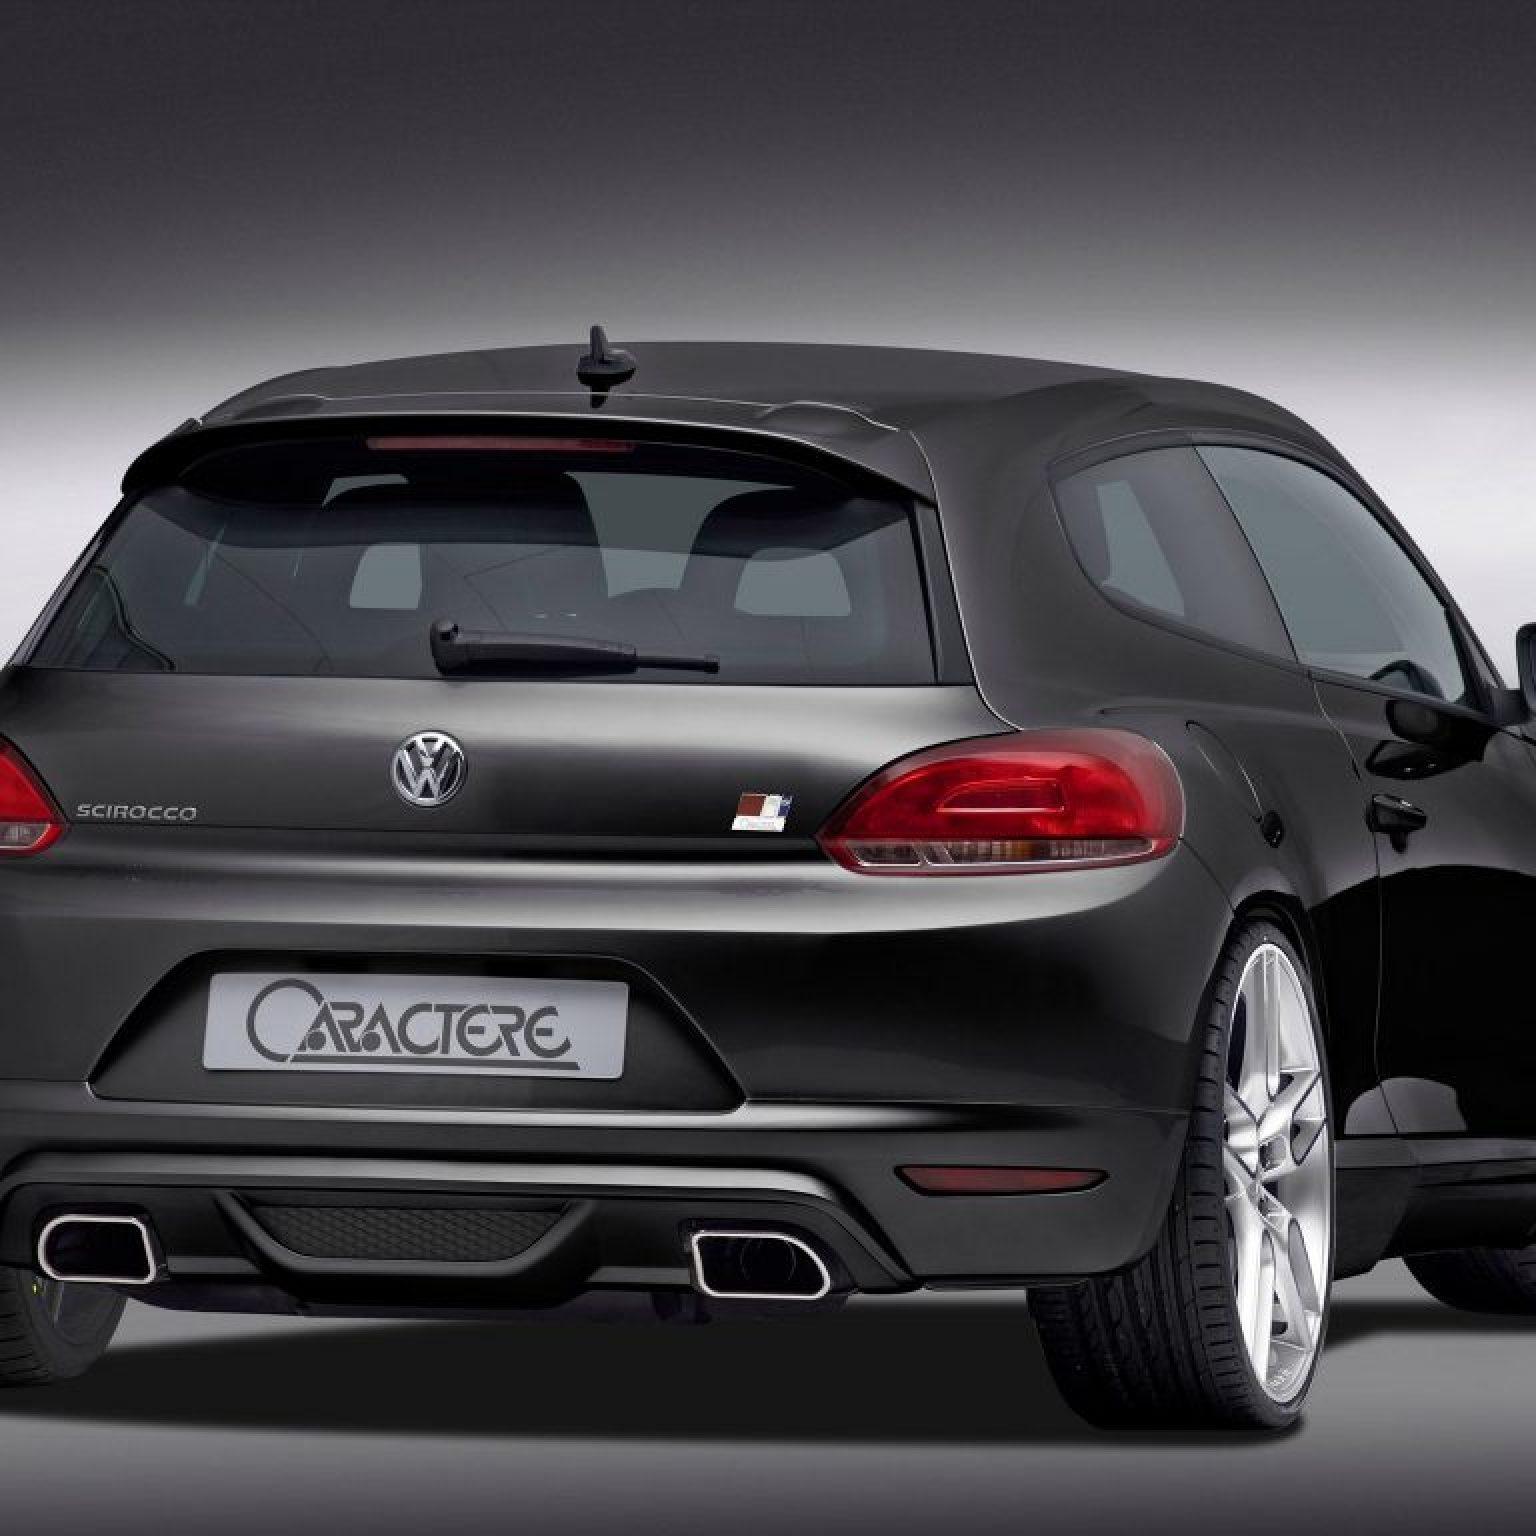 Volkswagen Scirocco by Caractere 2009